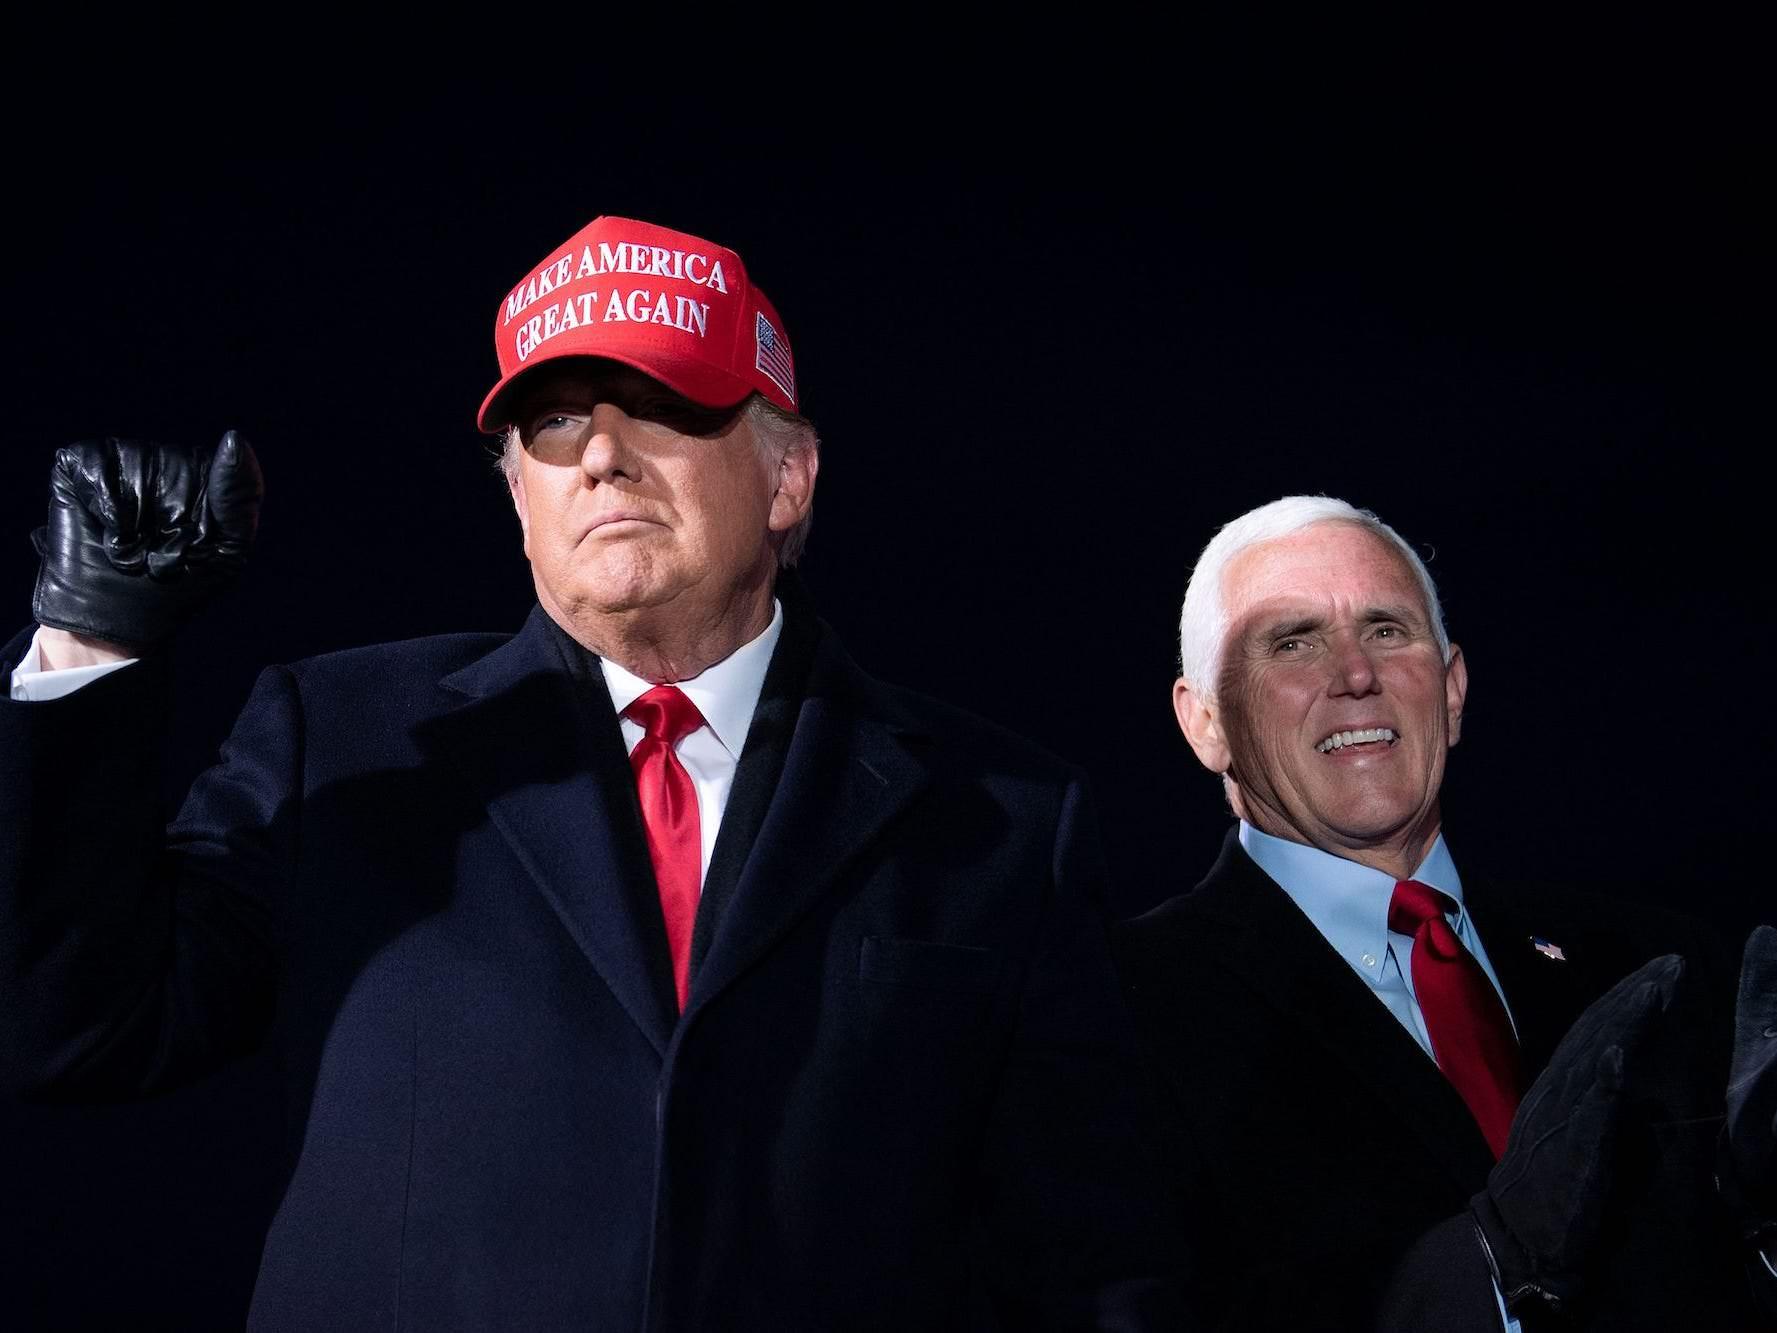 """Trump disse que espera que Mike Pence """"apareça"""" para certificá-lo como o vencedor das eleições de 2020 em vez de Biden – mas o vice-presidente não tem poder para fazer isso"""